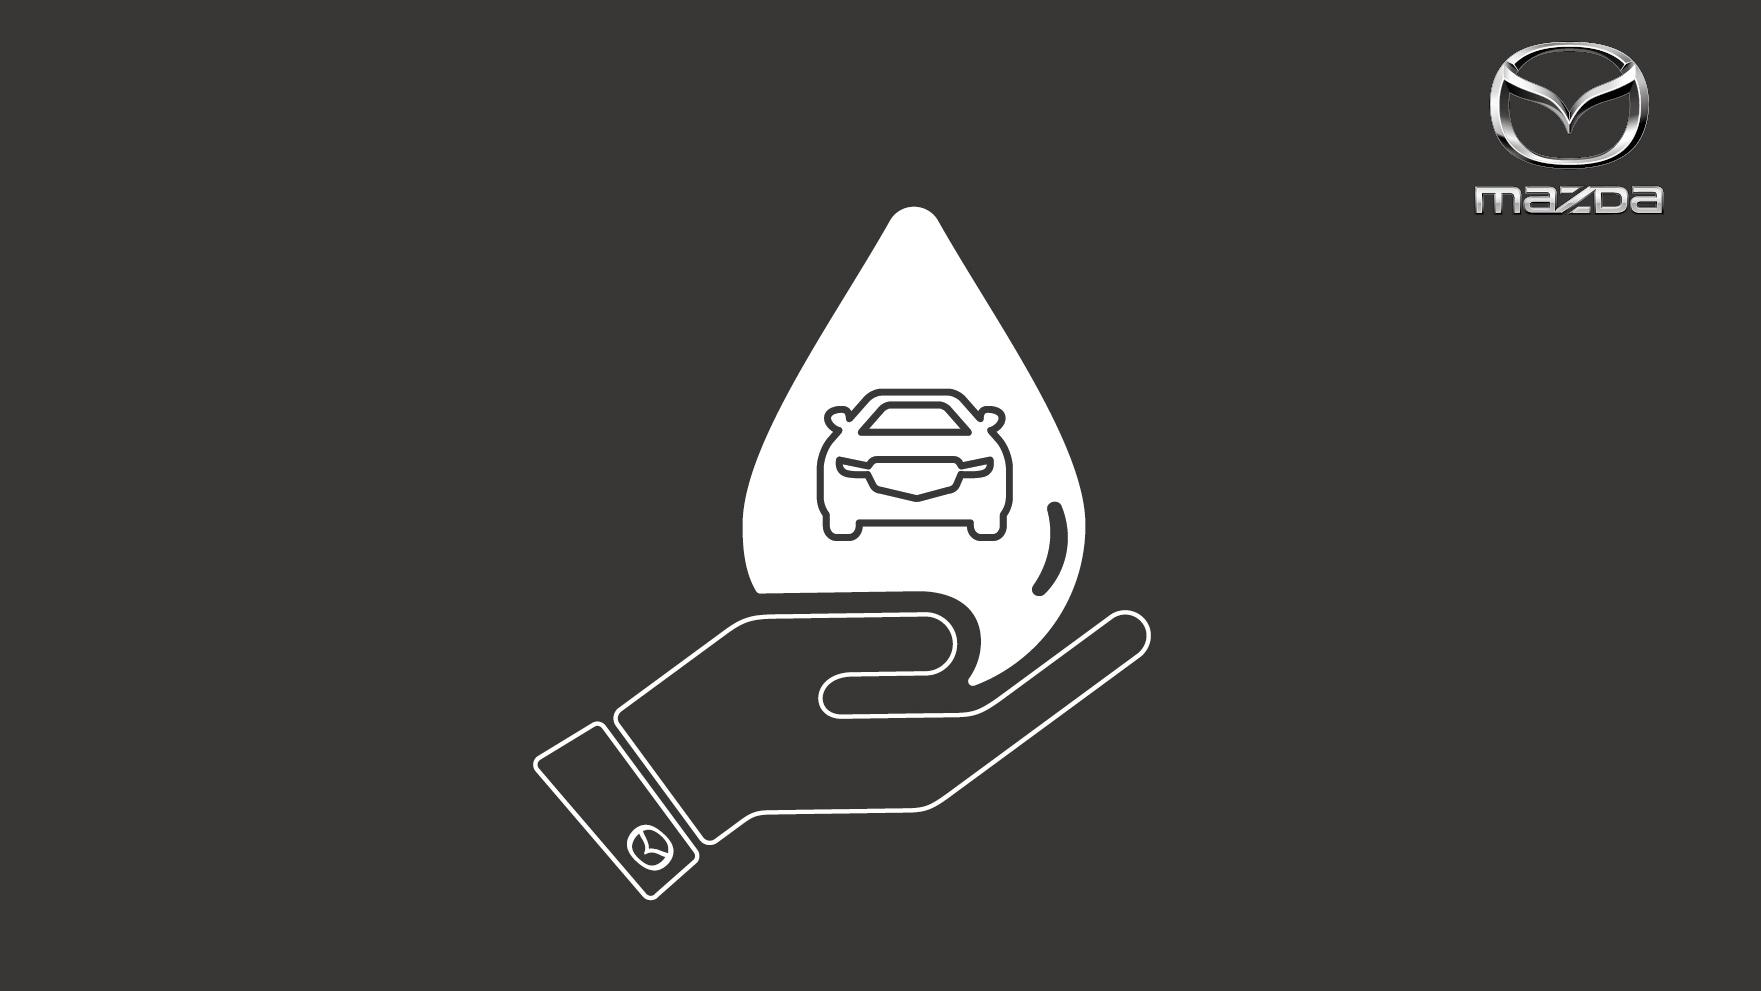 Mazda 邀車主節水抗旱 回廠暫停洗車就送噴油嘴清潔劑